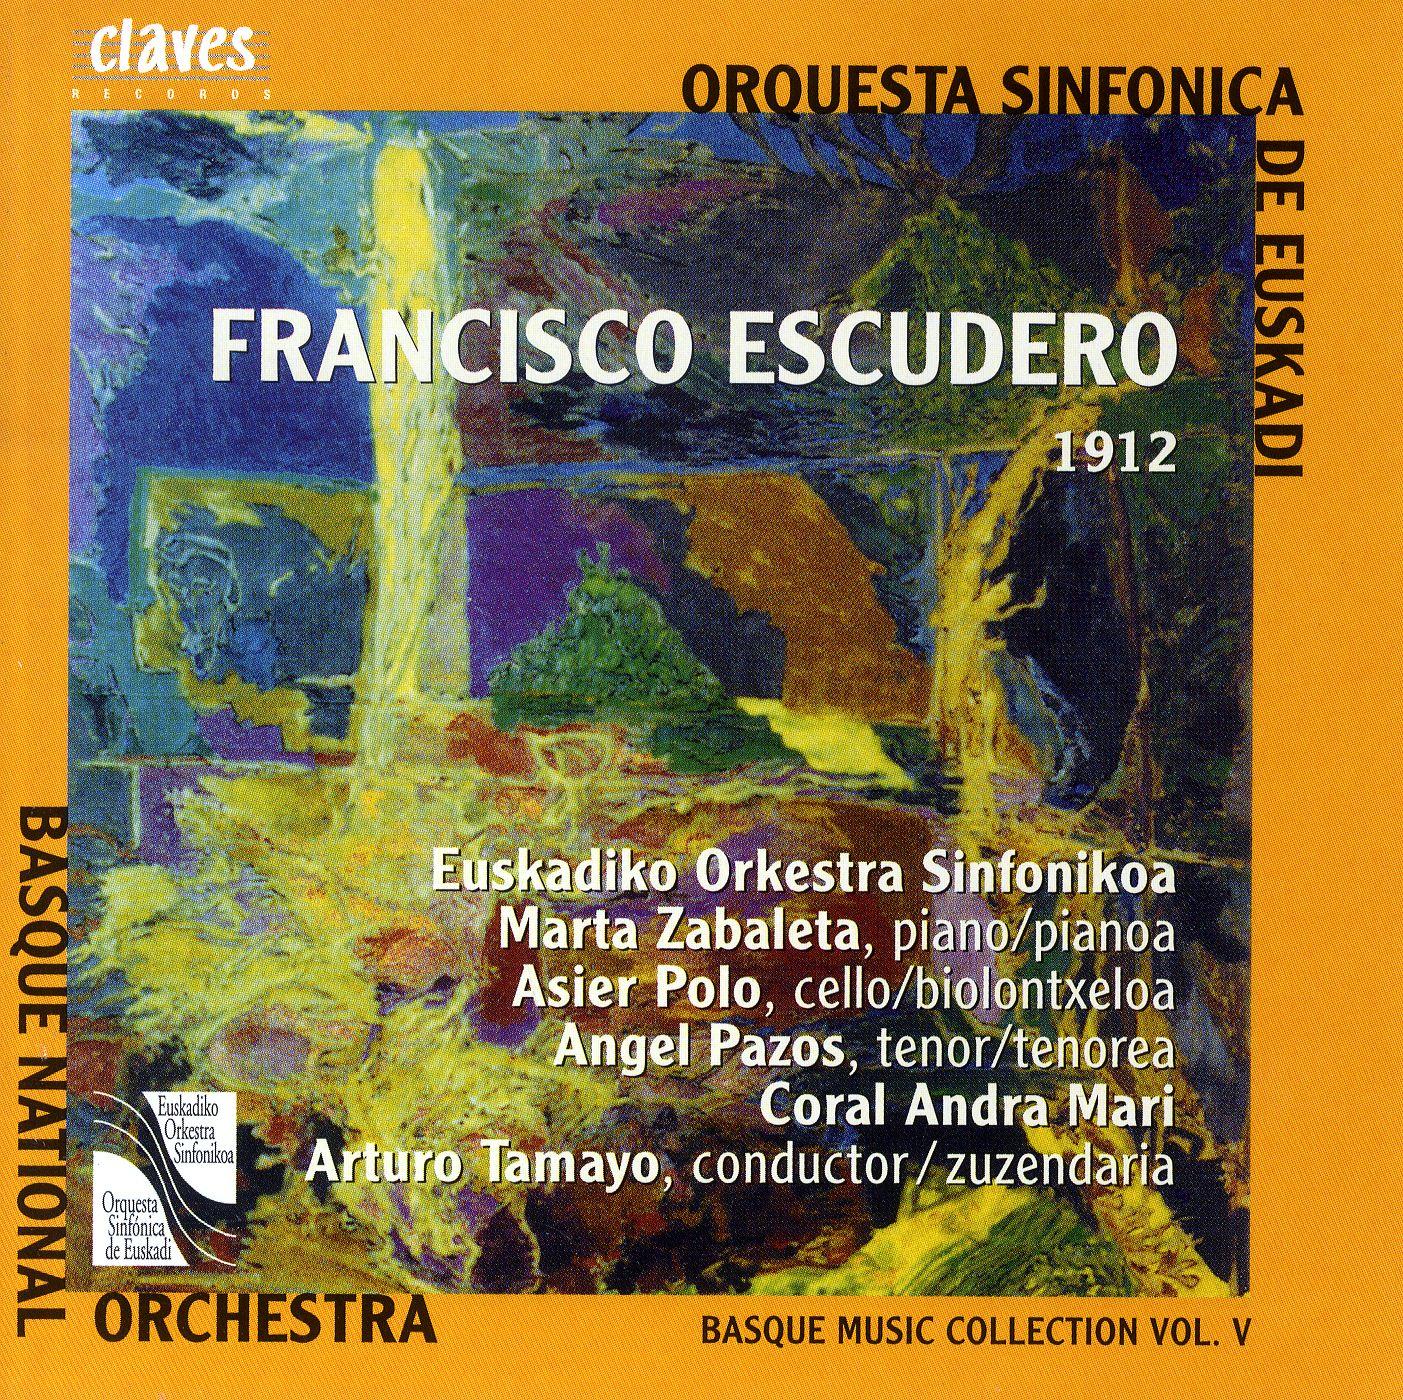 escudero-cd-01